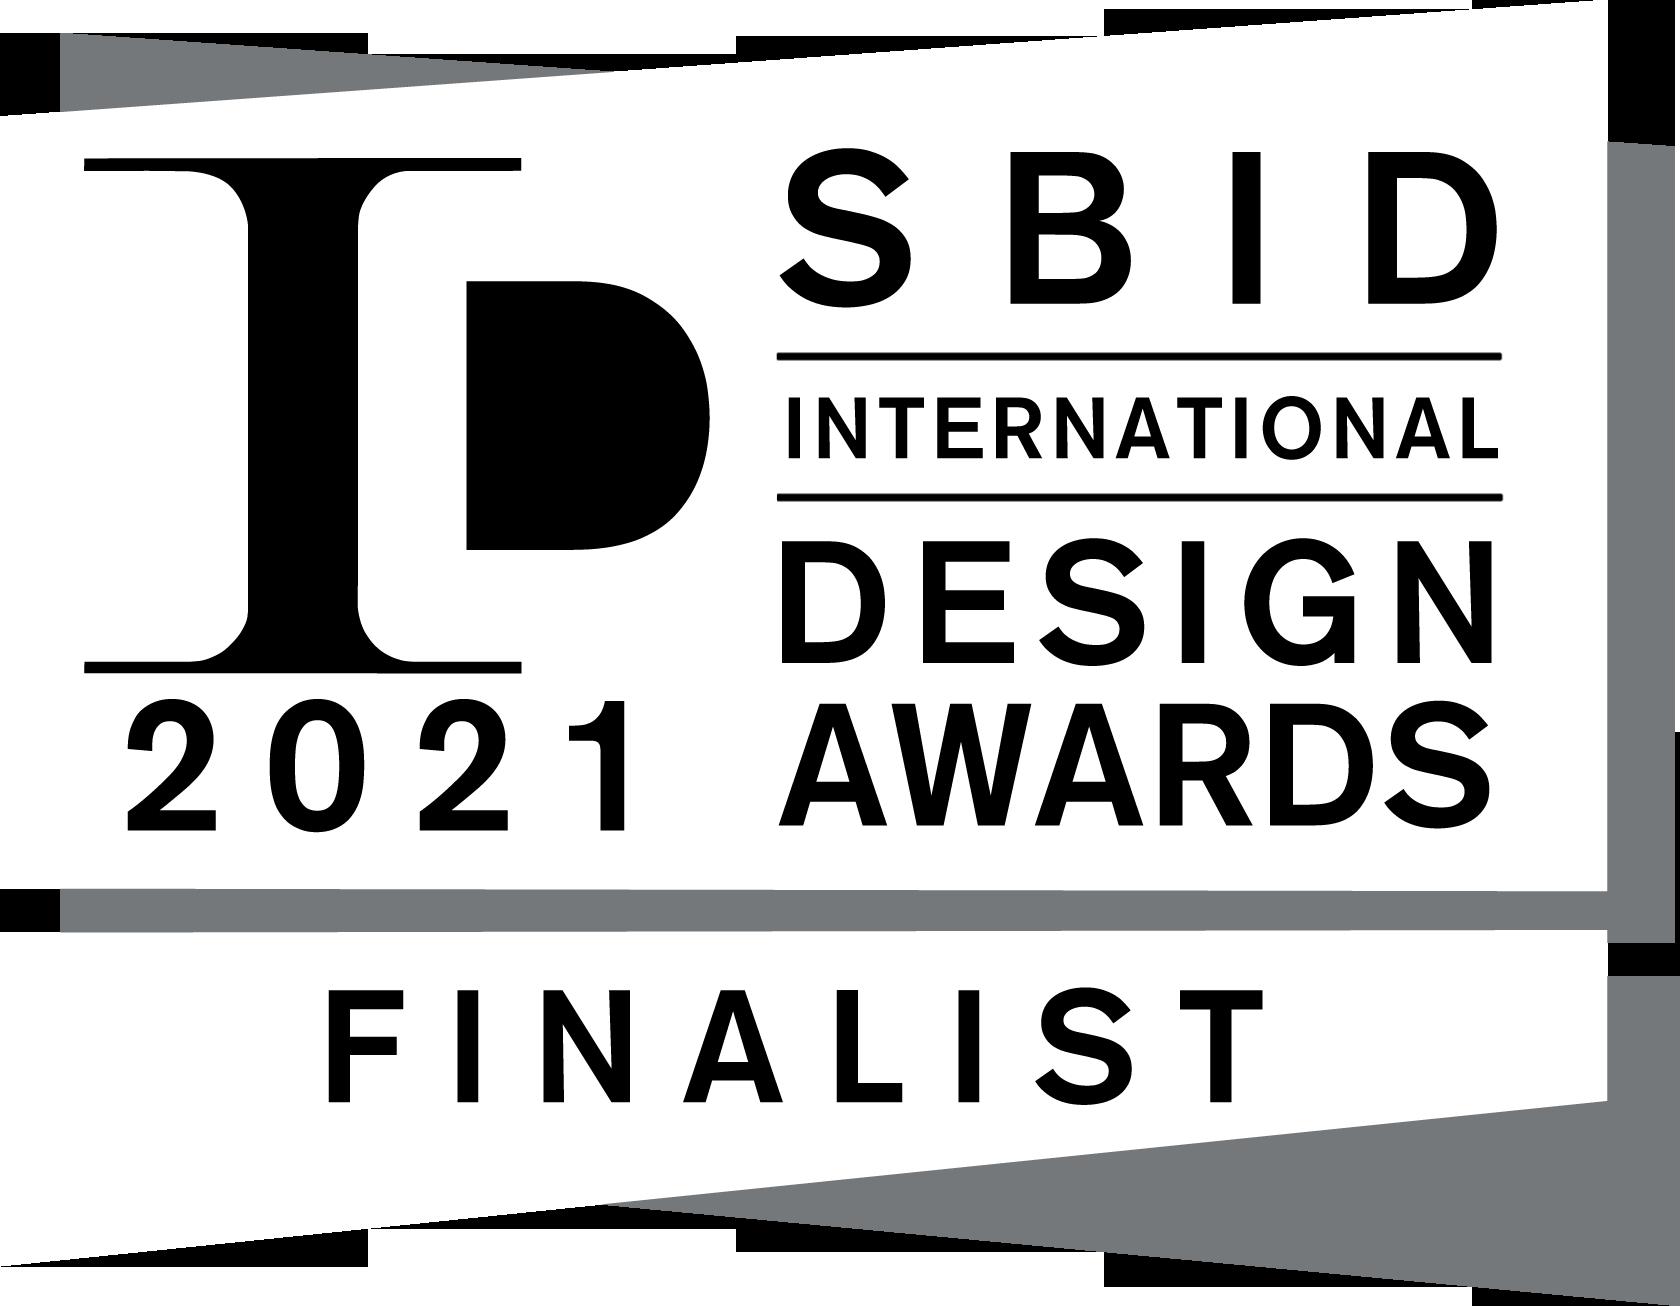 FINALIST SBID Awards 2021 Logo Landscape